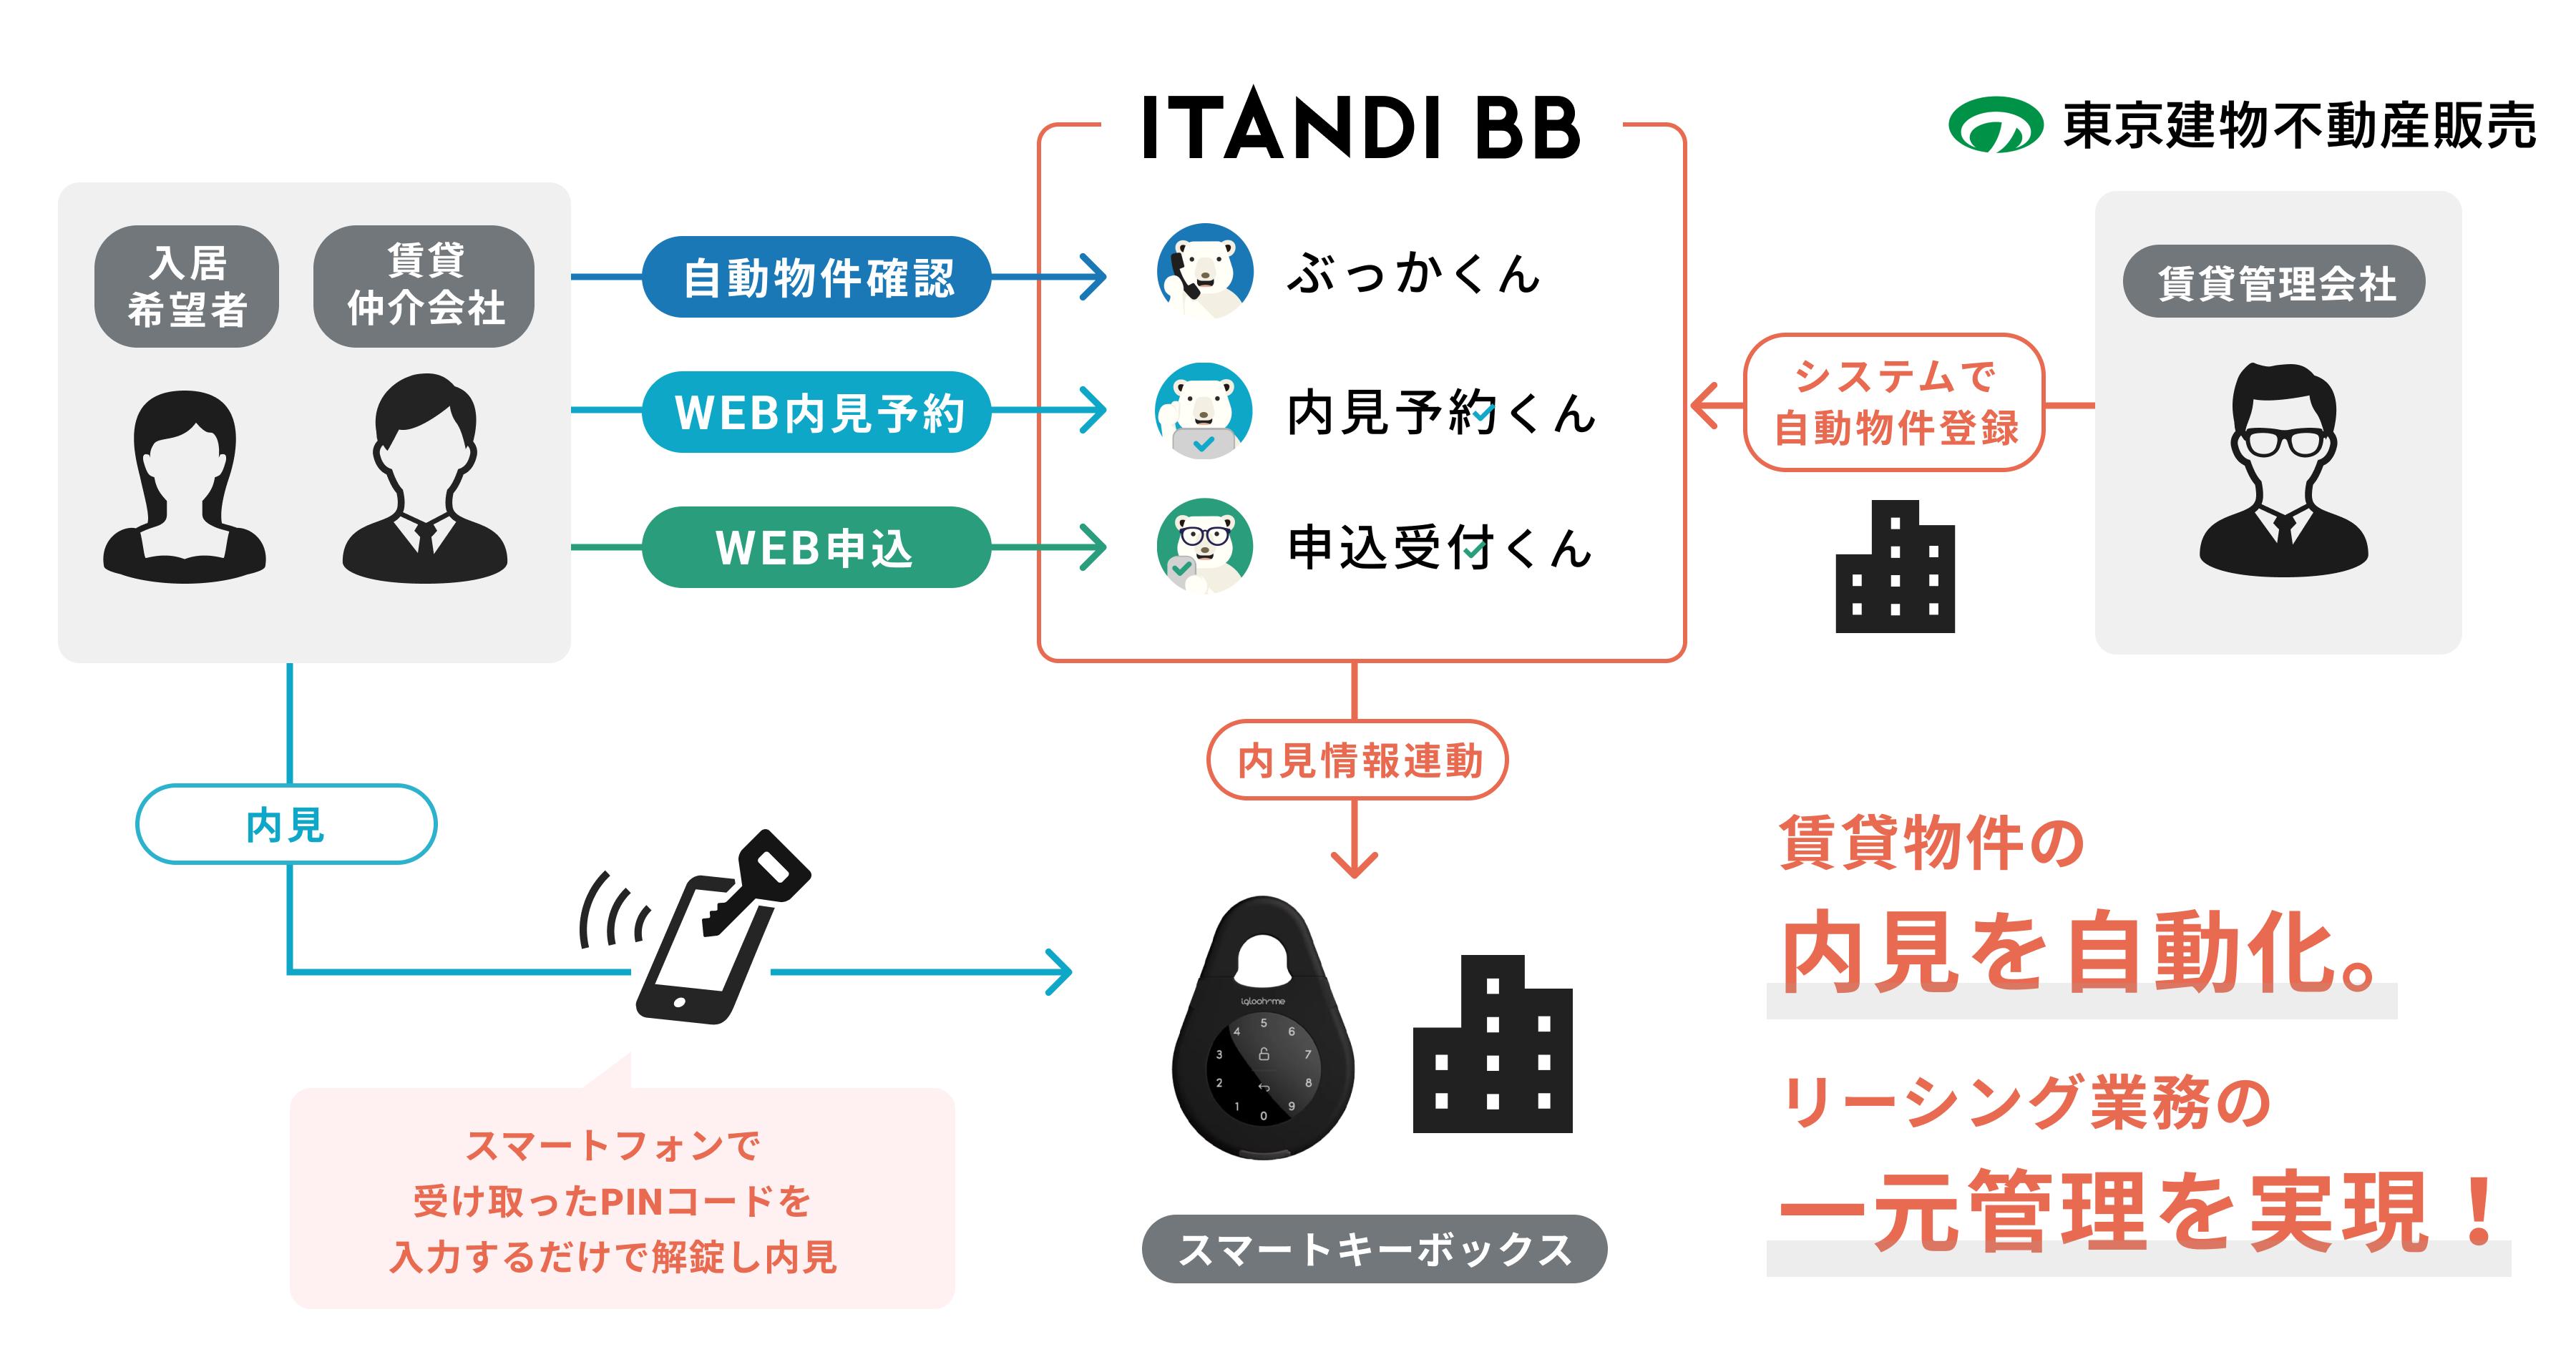 東京建物不動産販売、IoTスマートキーボックスとイタンジの内見予約システムの連携開始